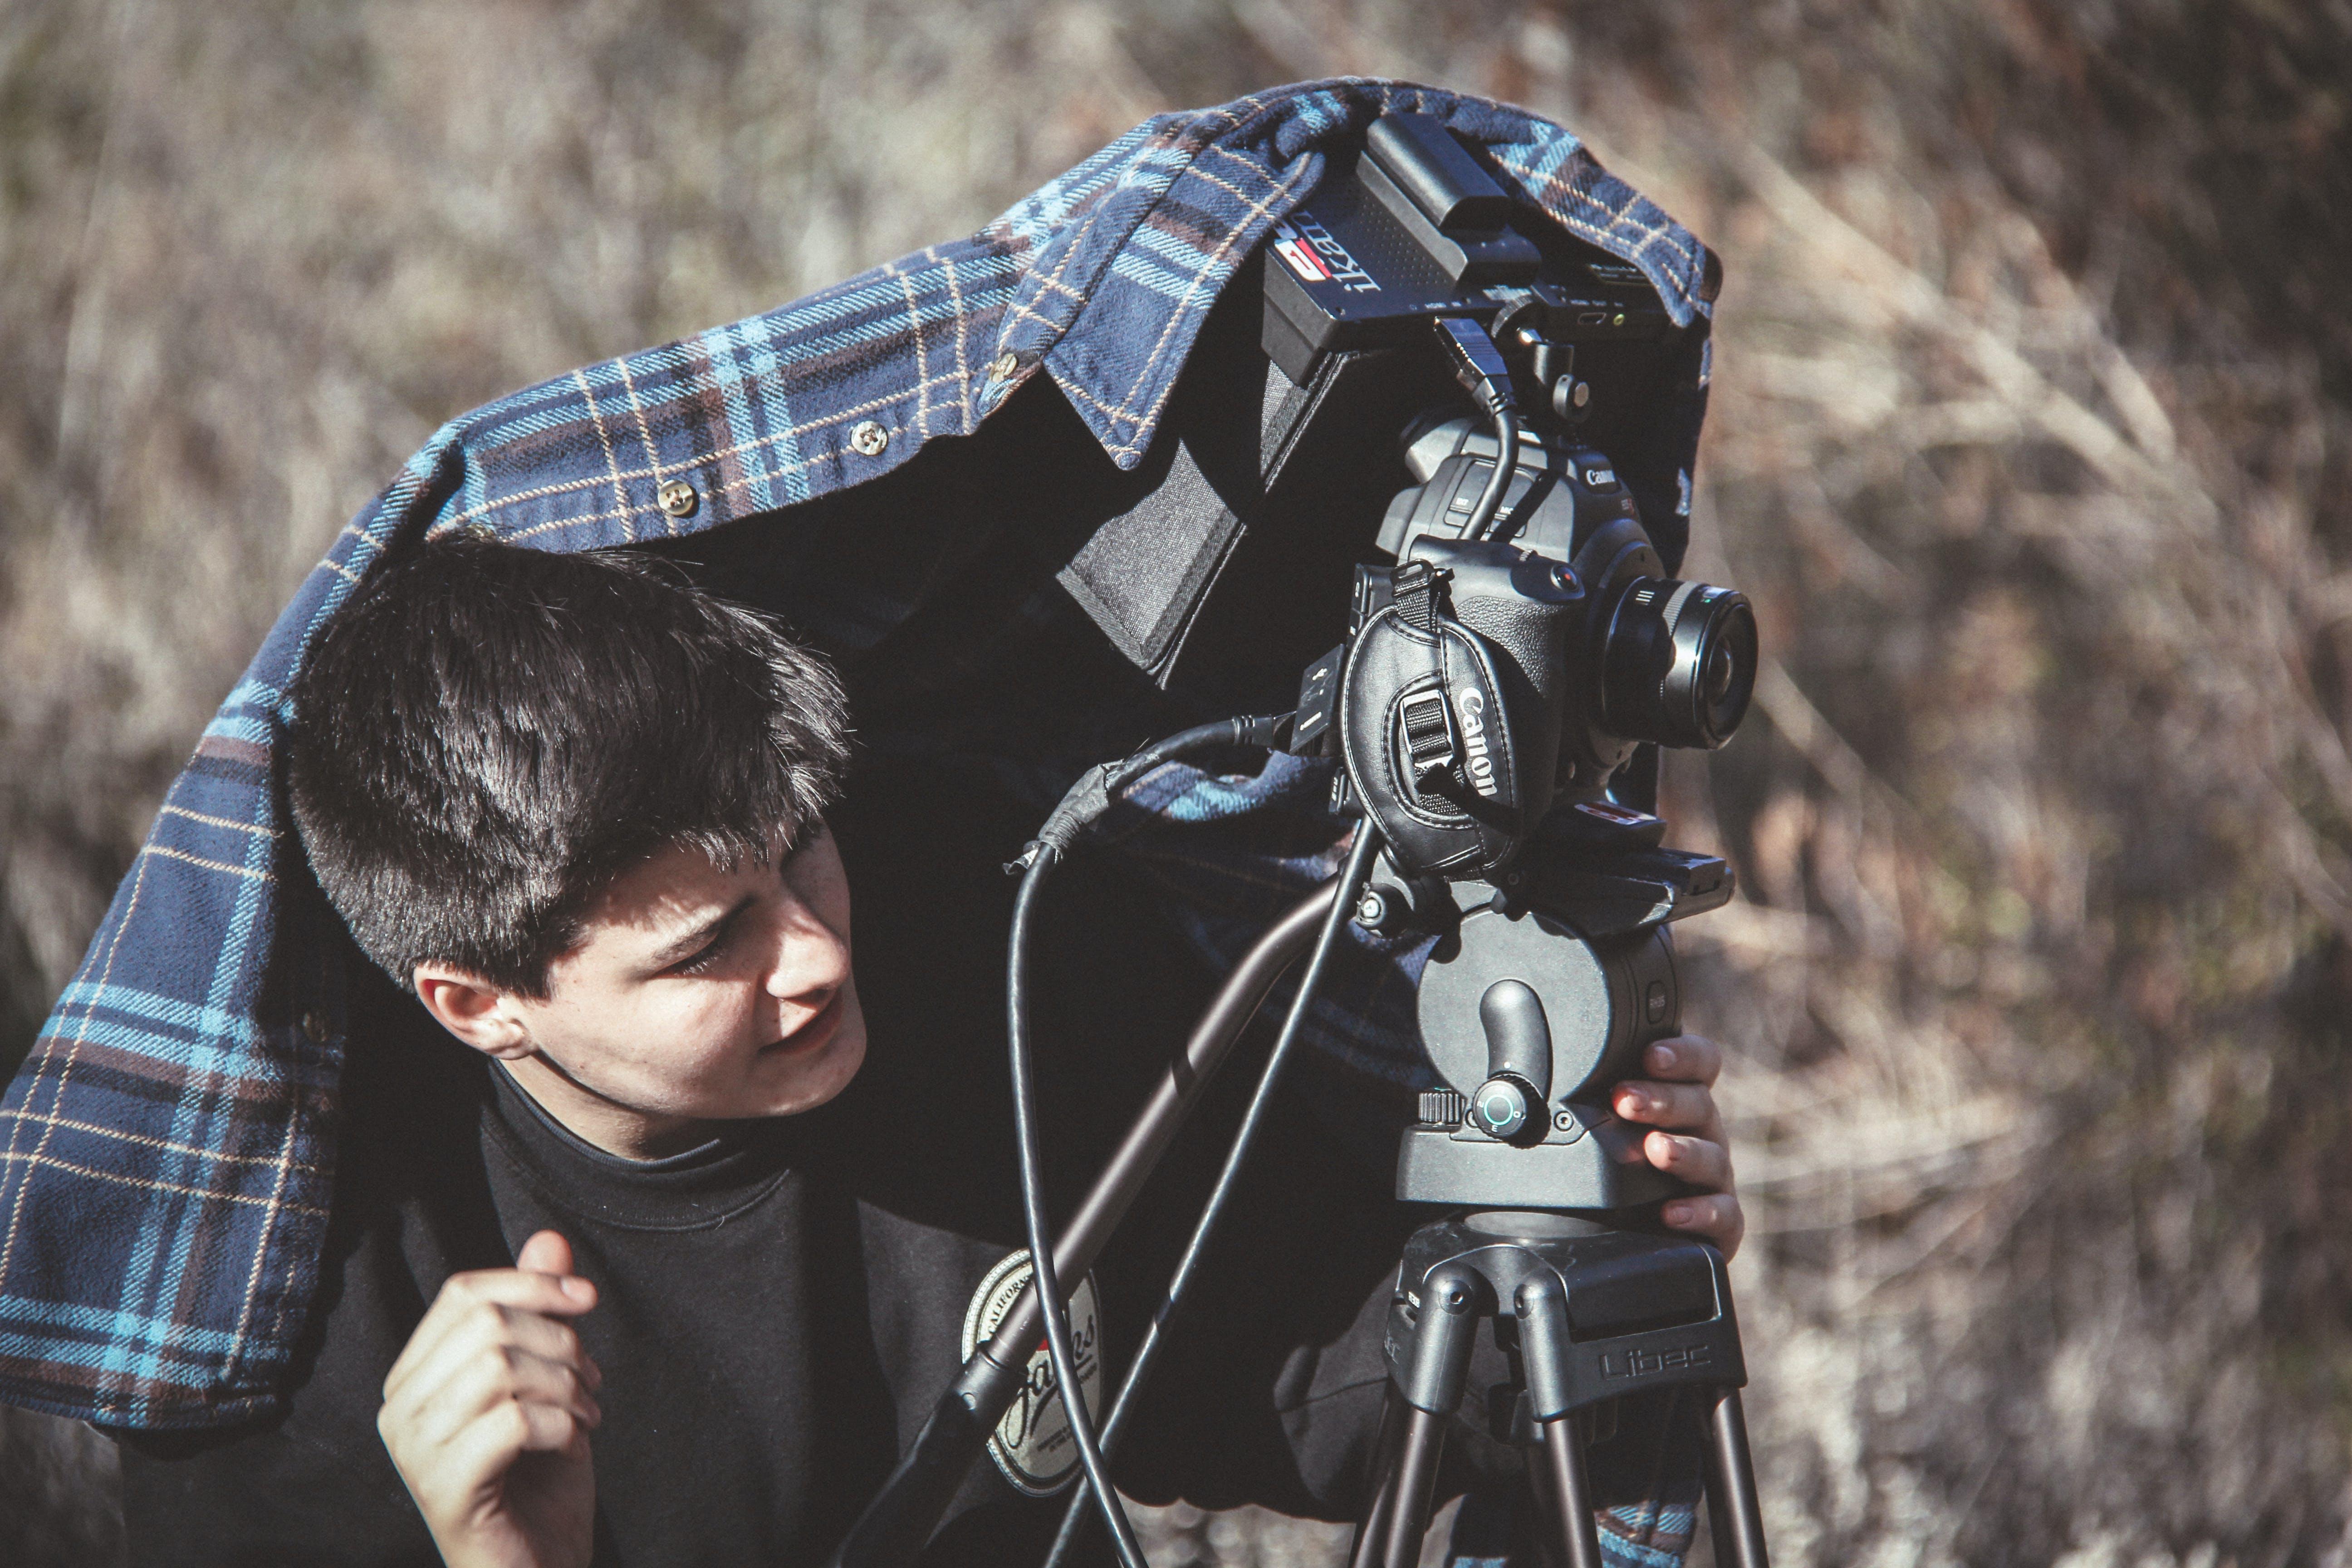 відеокамера, вираз обличчя, денний час